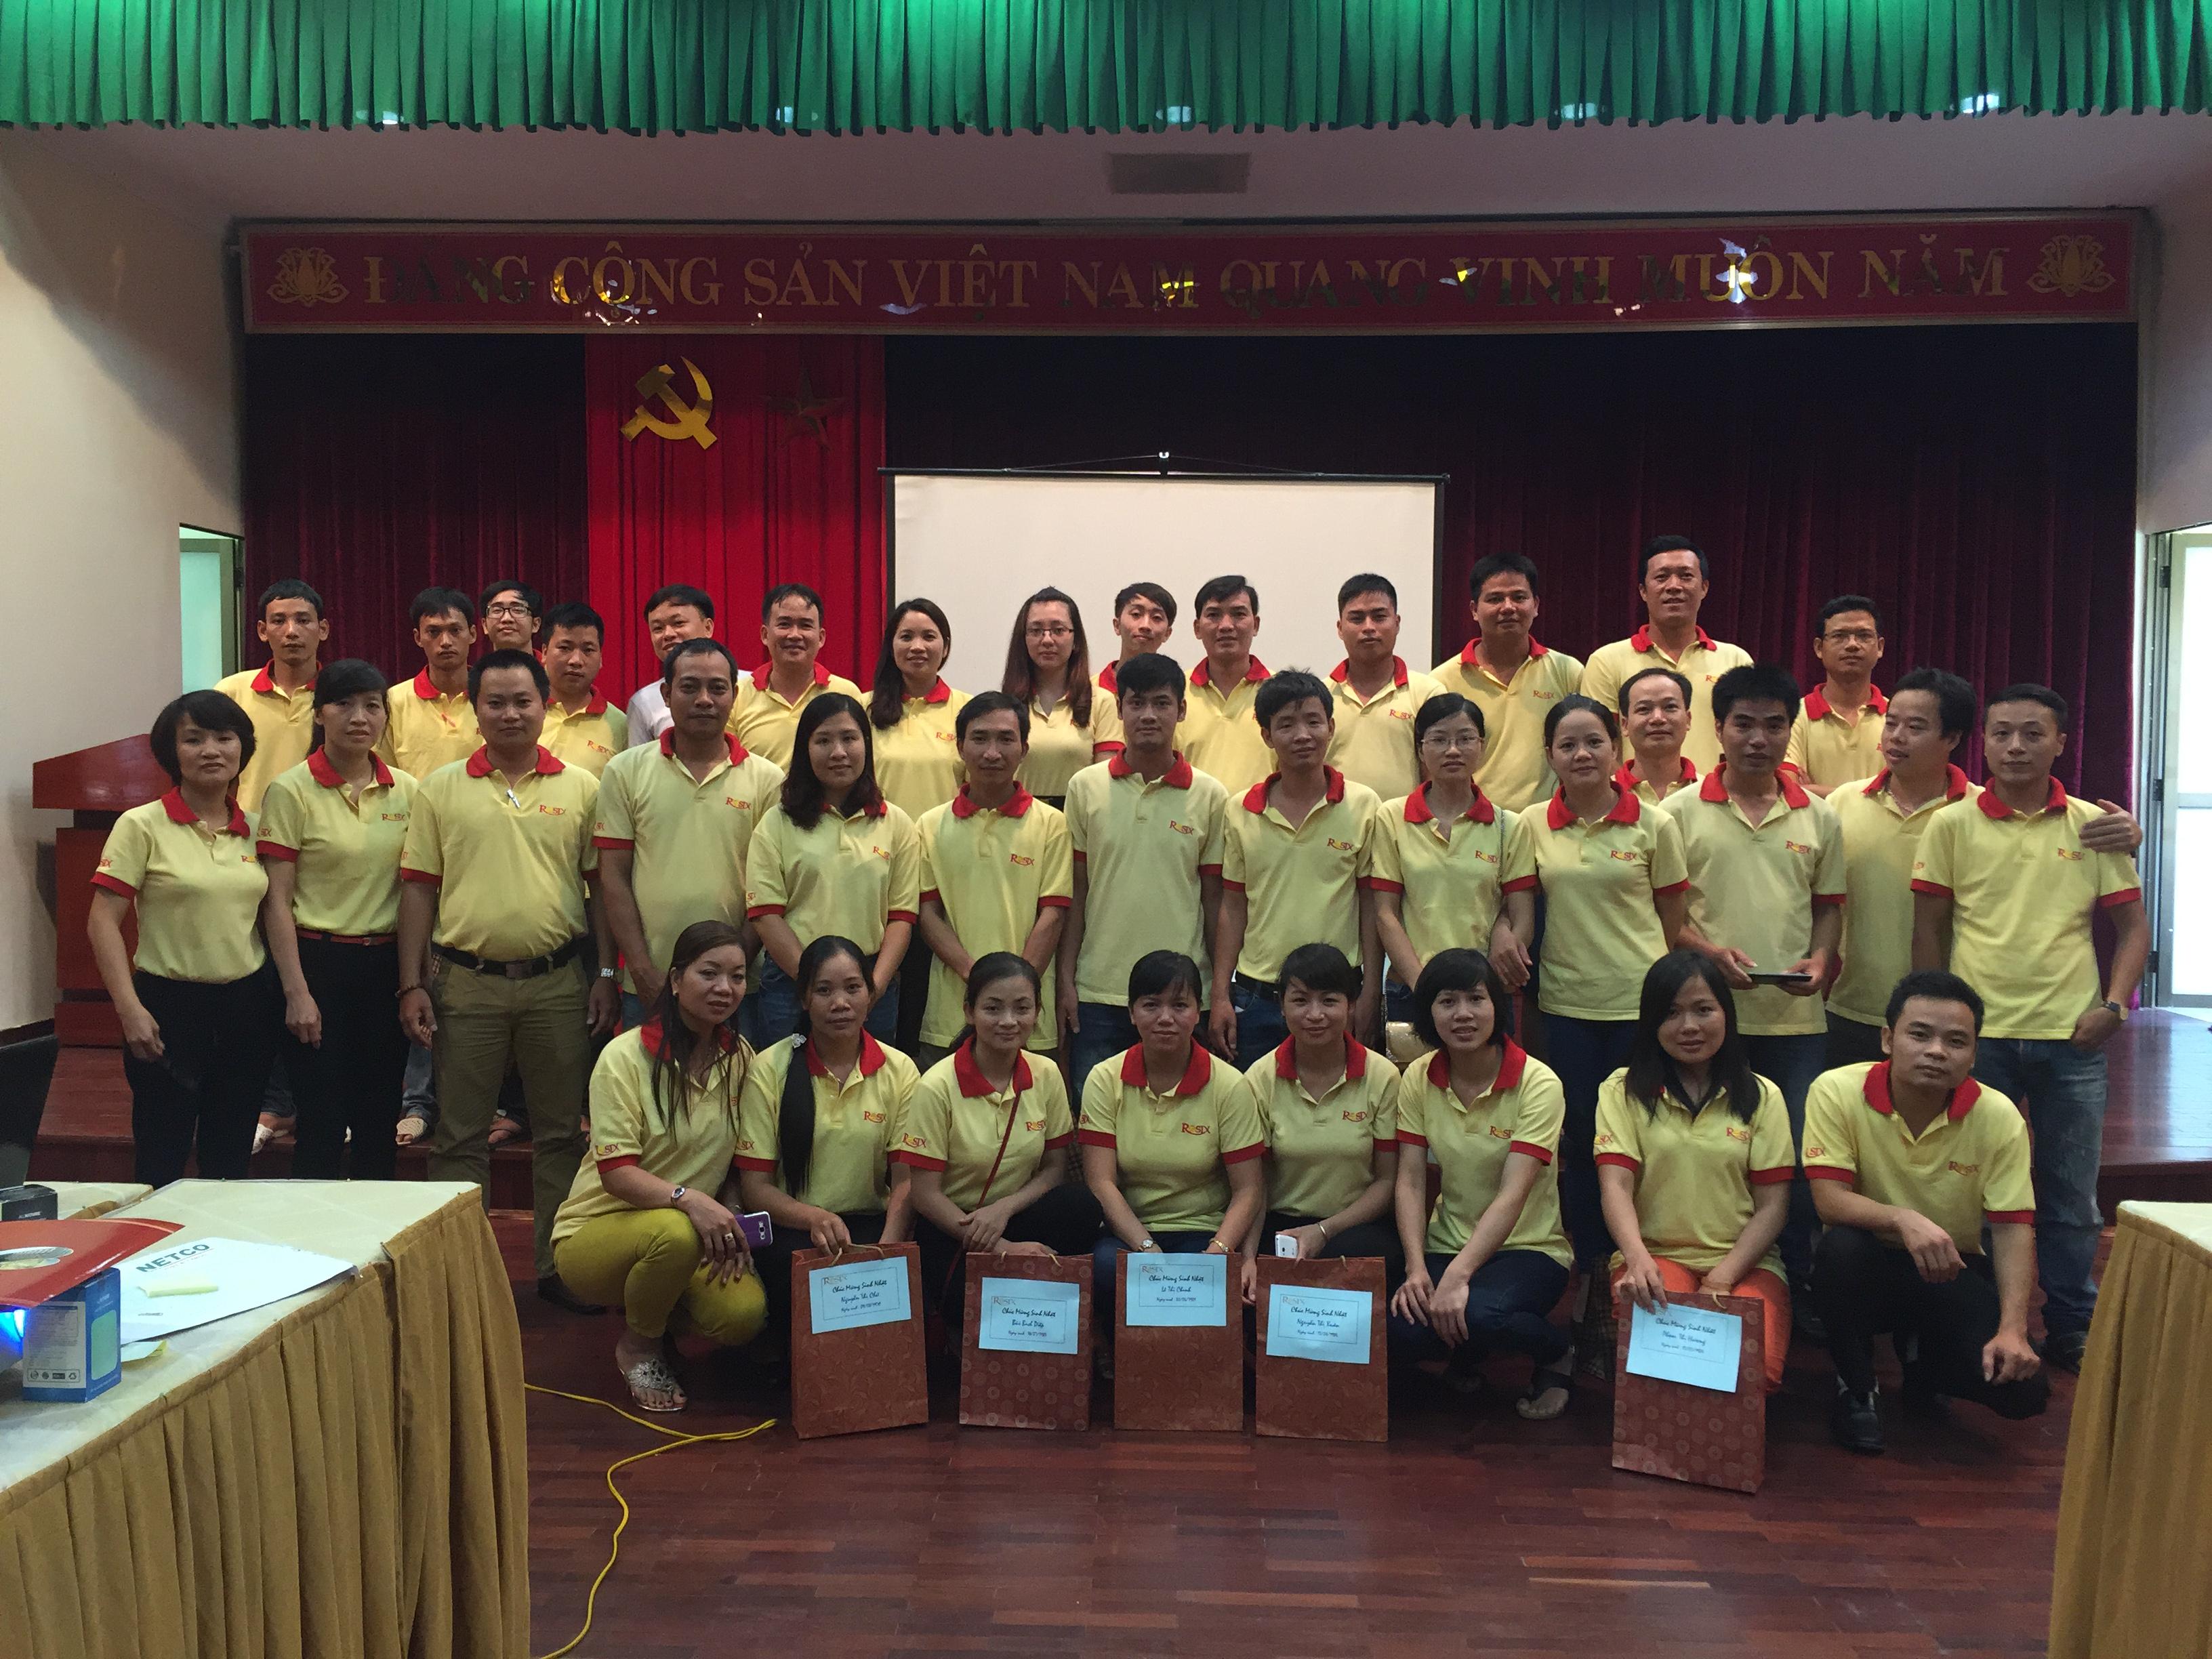 http://rosix.com.vn/rosix-pharma-to-chuc-tham-quan-nghi-mat-cho-cbnv